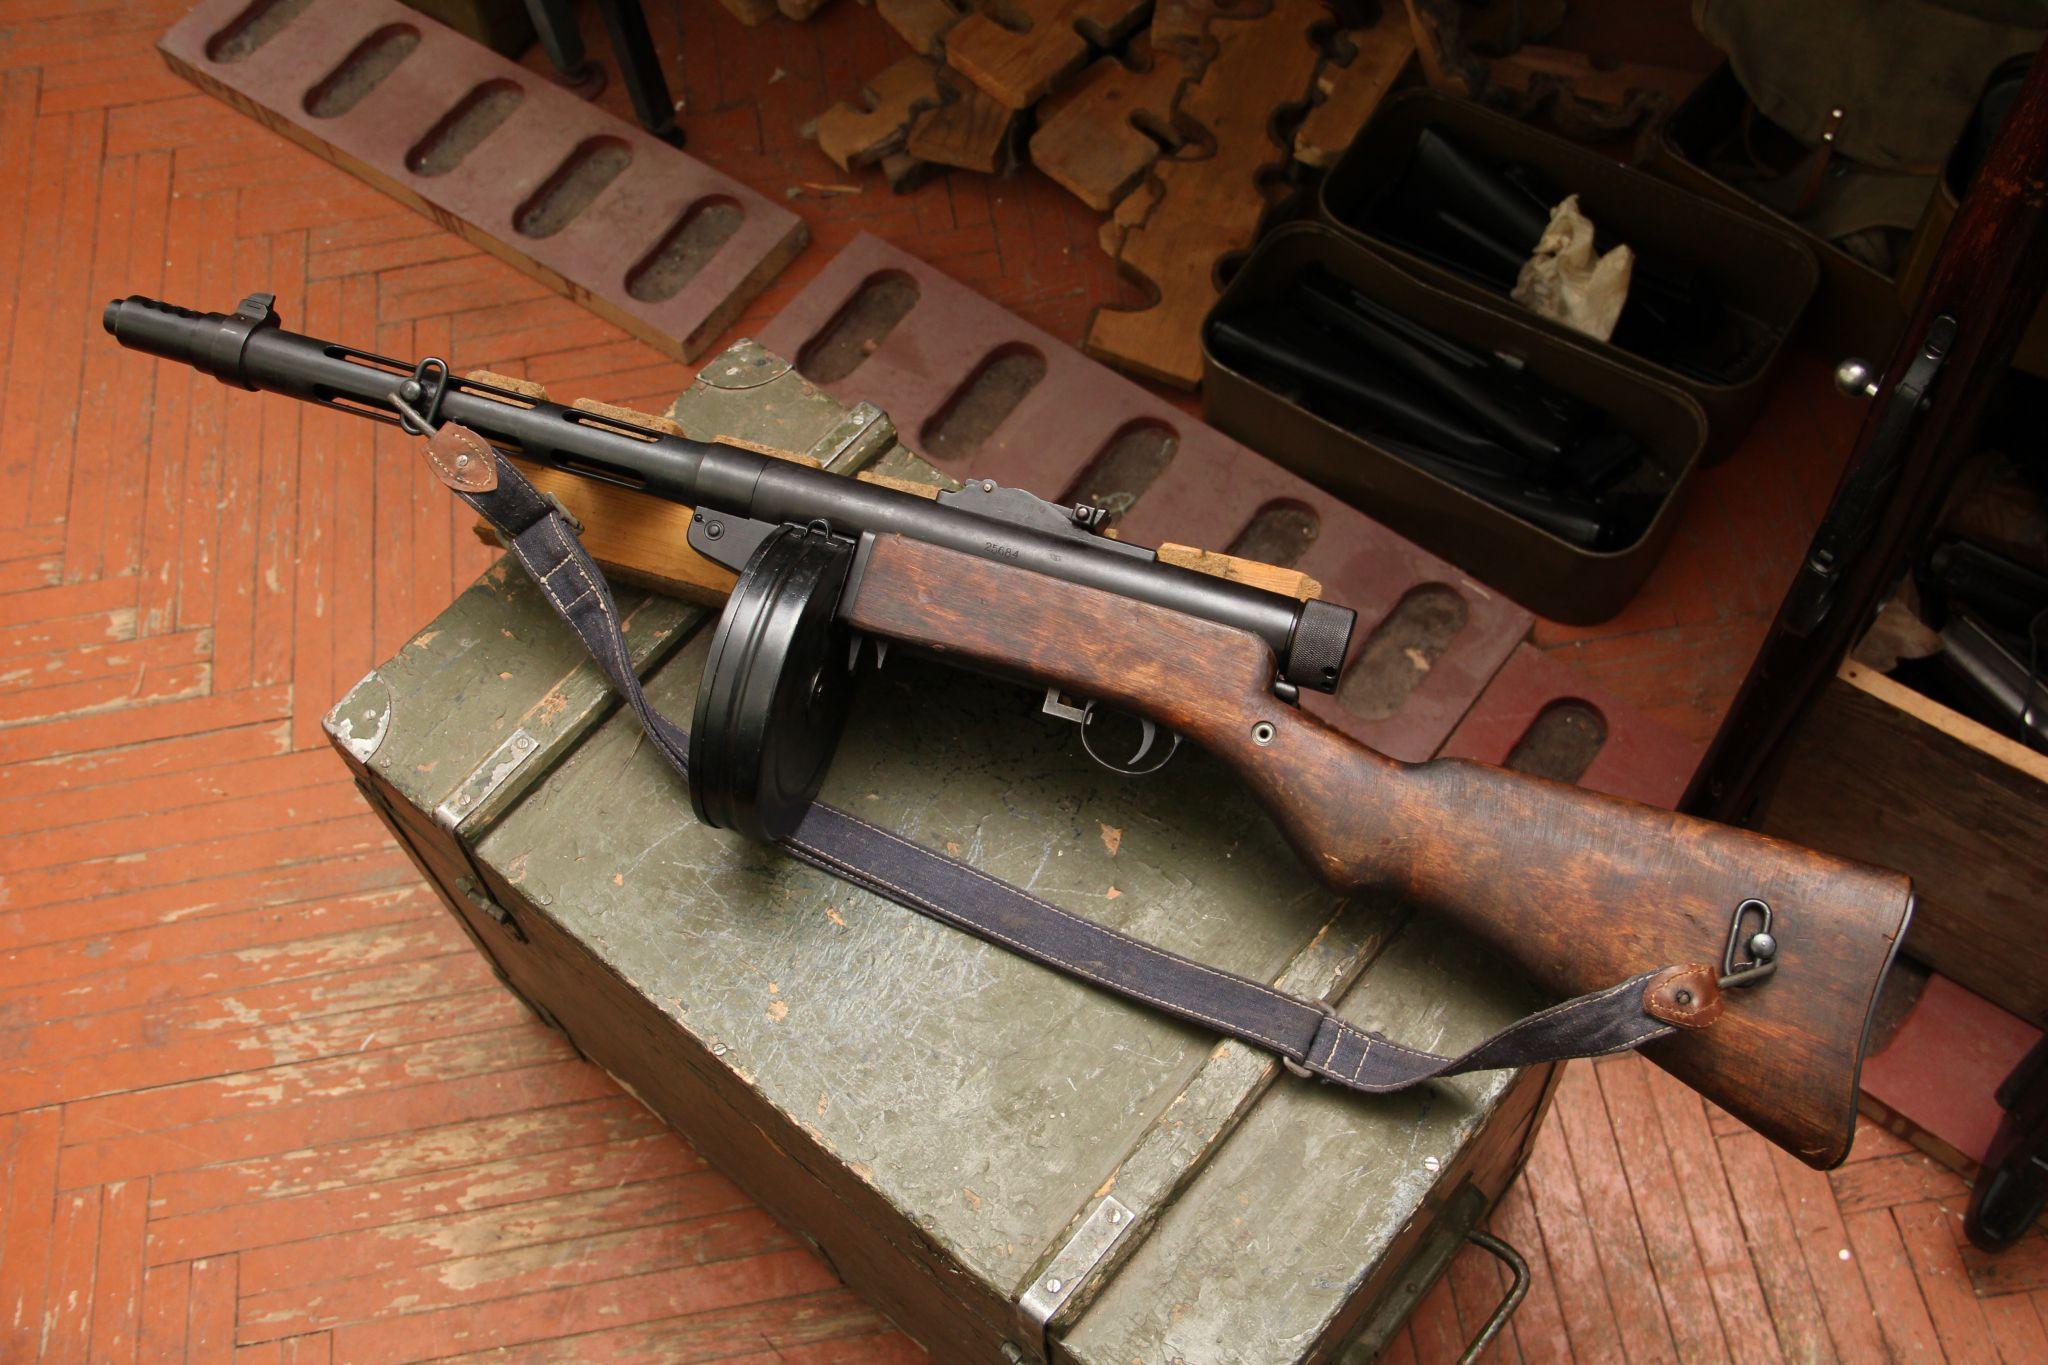 Pistolet-pulemet Suomi M31